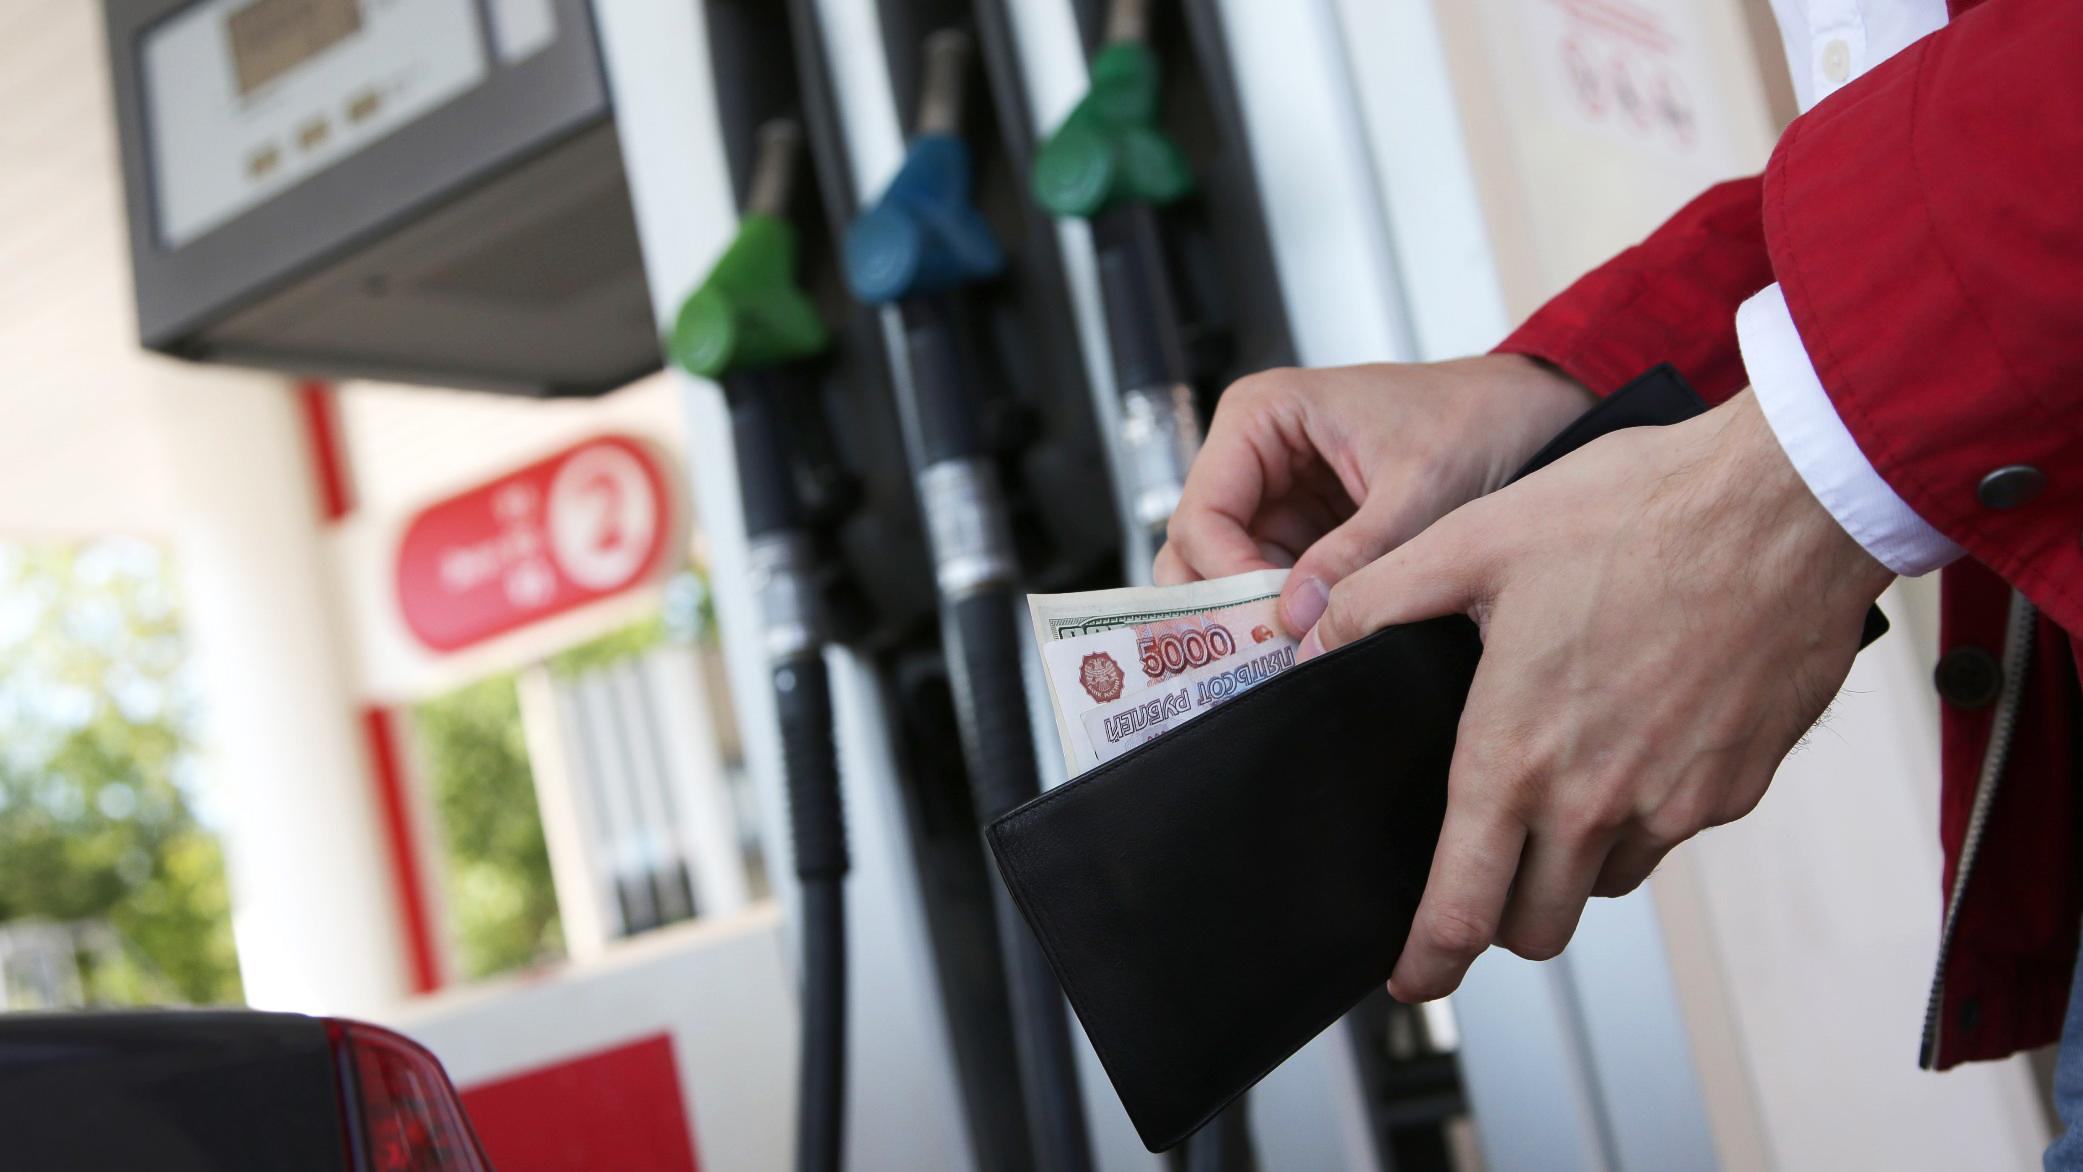 В России с сегодняшнего дня подорожают бензин и дизельное топливо